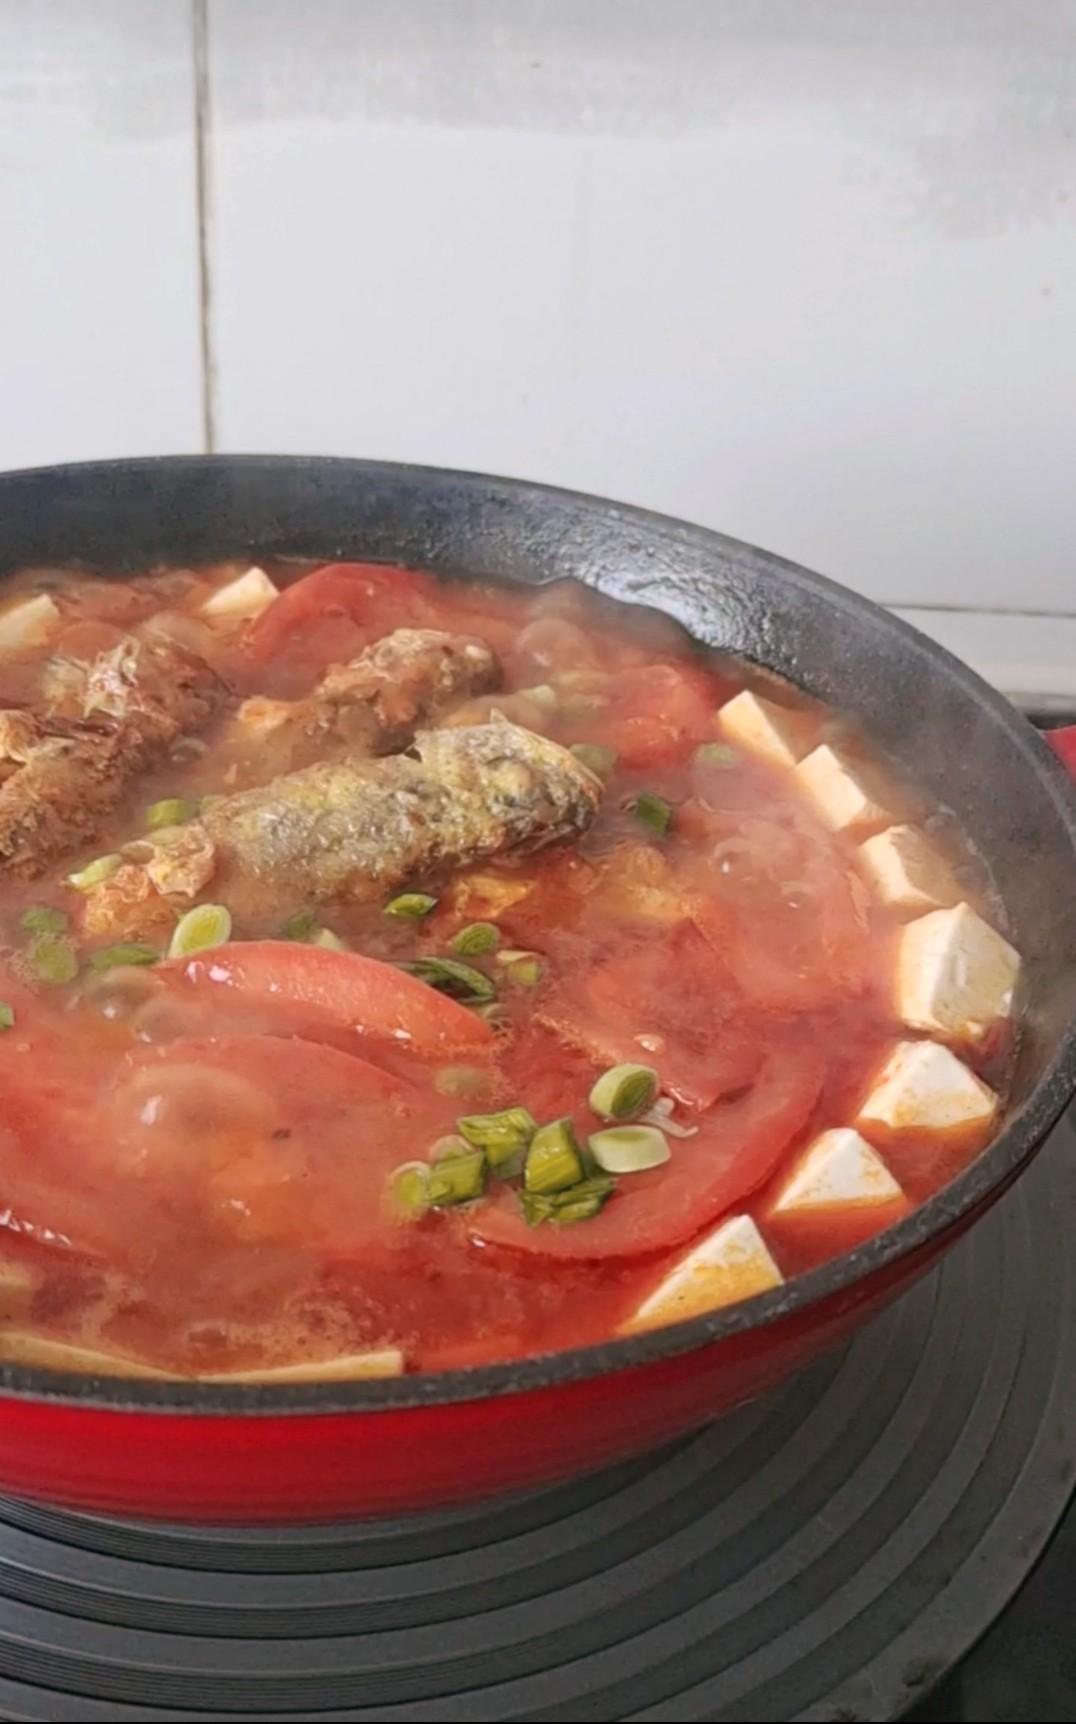 酸爽有滋味,这样一锅补钙又滋补~番茄豆腐鱼锅怎样做